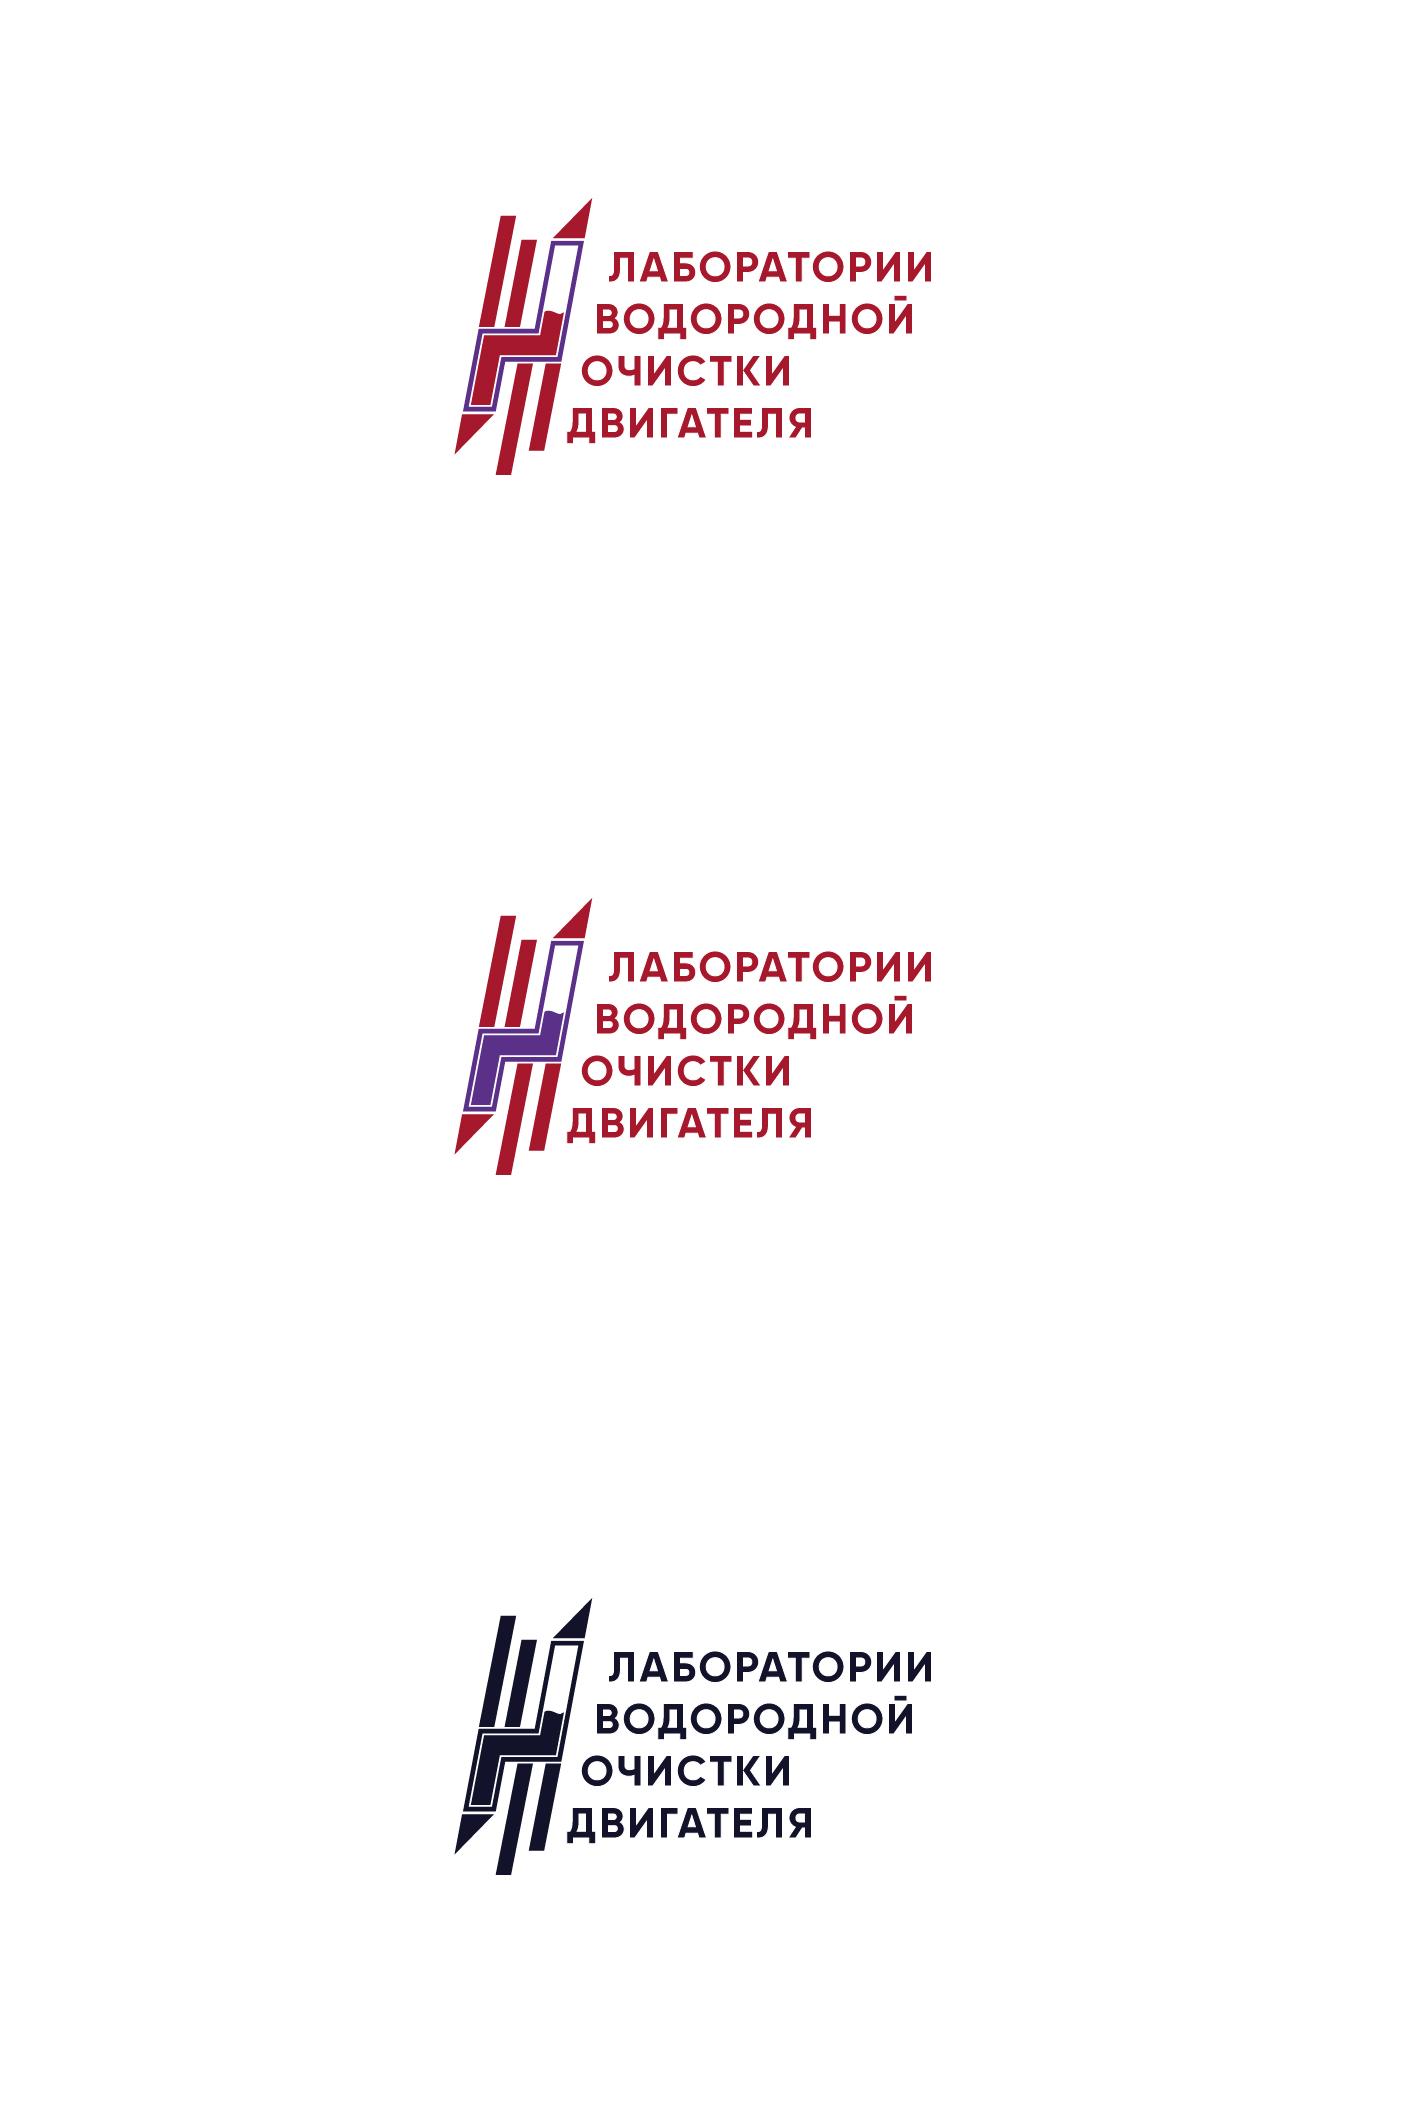 """Разработка фирменного стиля для """"Лаборатории водородной очис фото f_3195dcaae7680c04.jpg"""